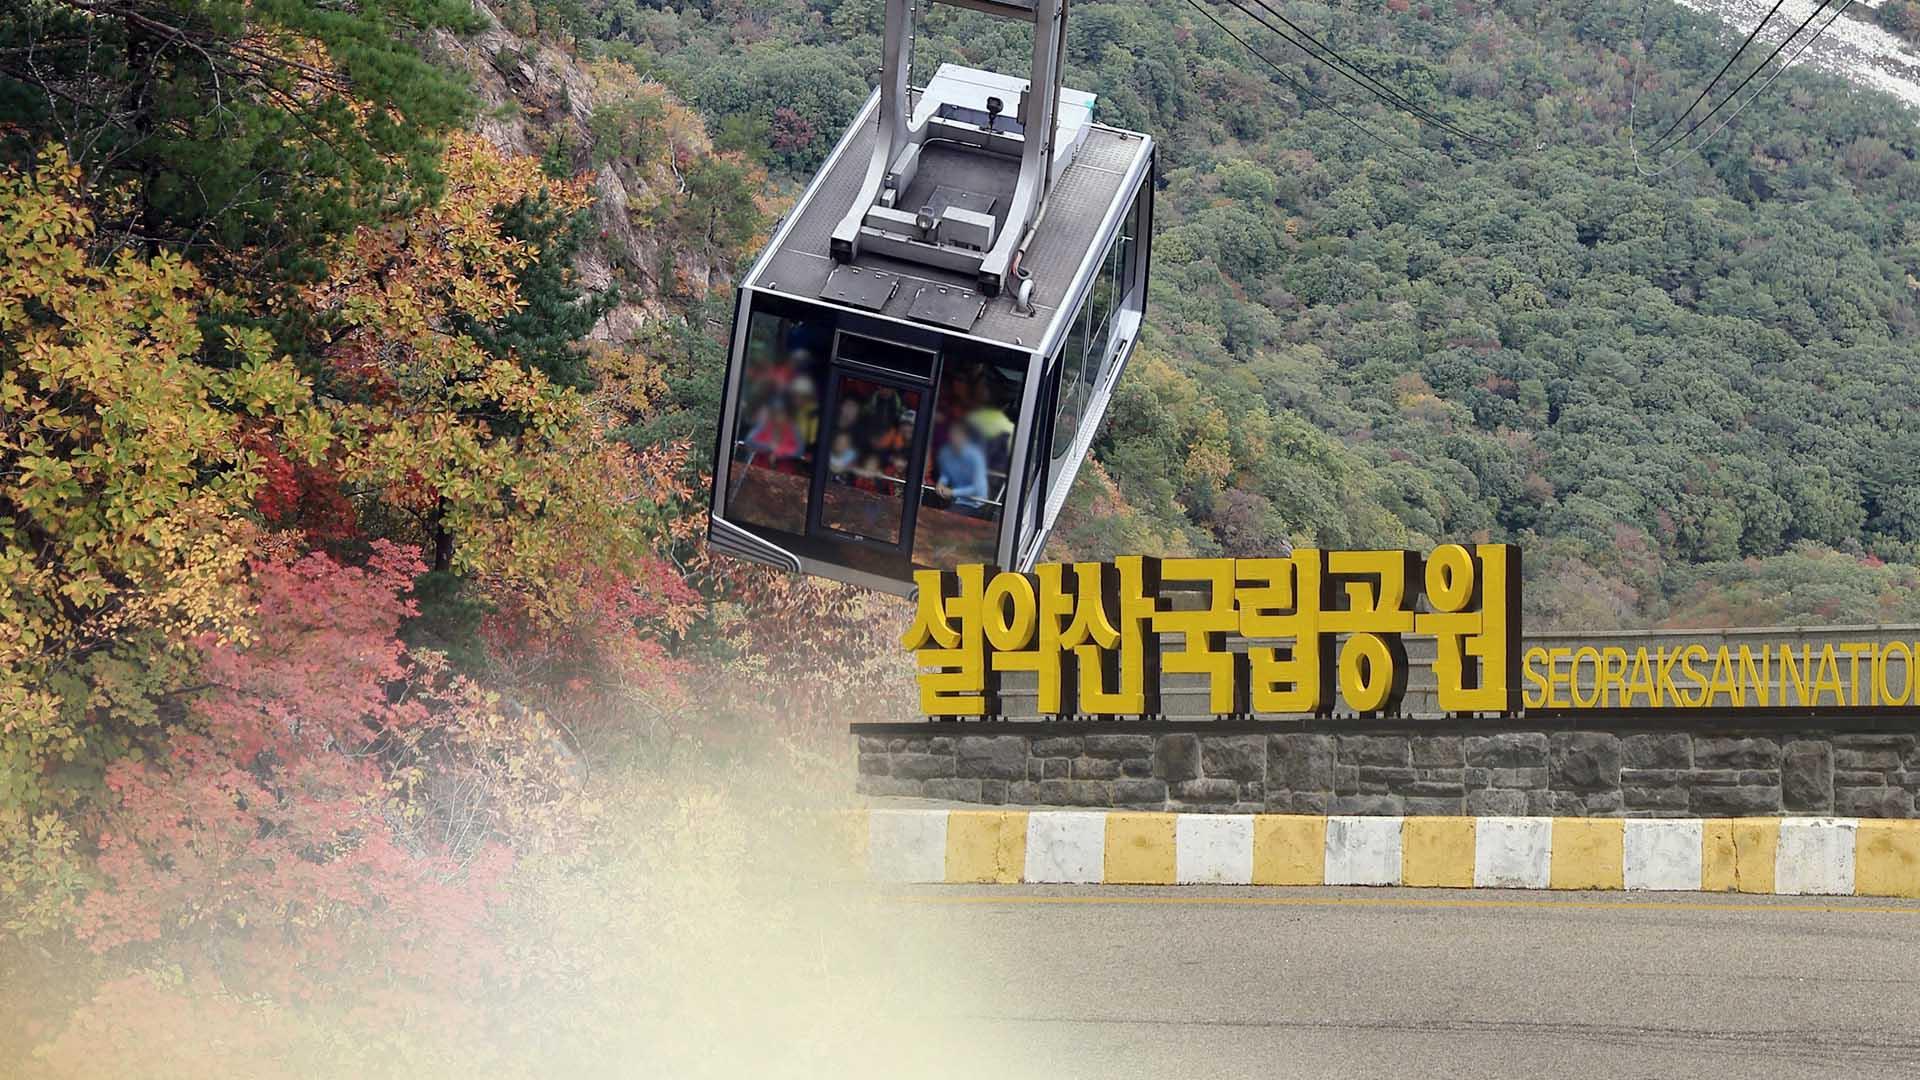 설악산 오색케이블카 '무산'…지역사회 강력 반발